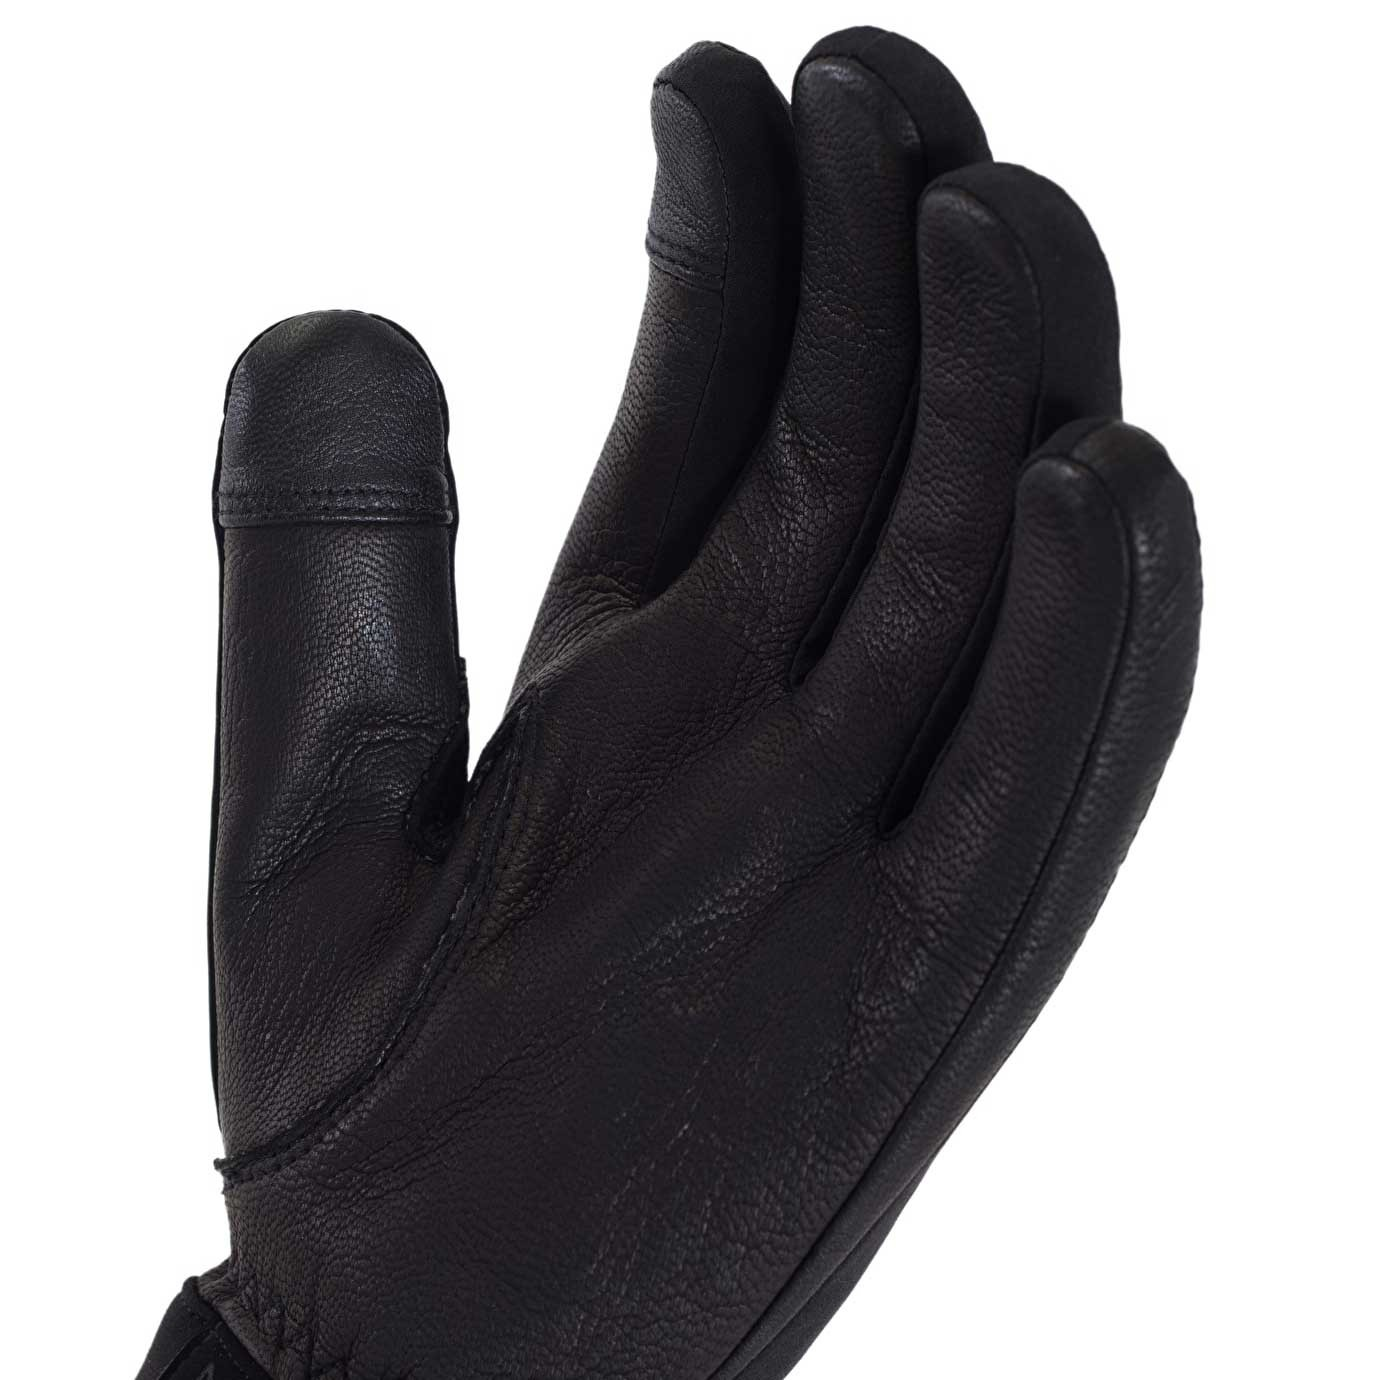 Sealskinz All Season Waterproof Men's Gloves - Black/Charcoal - palm